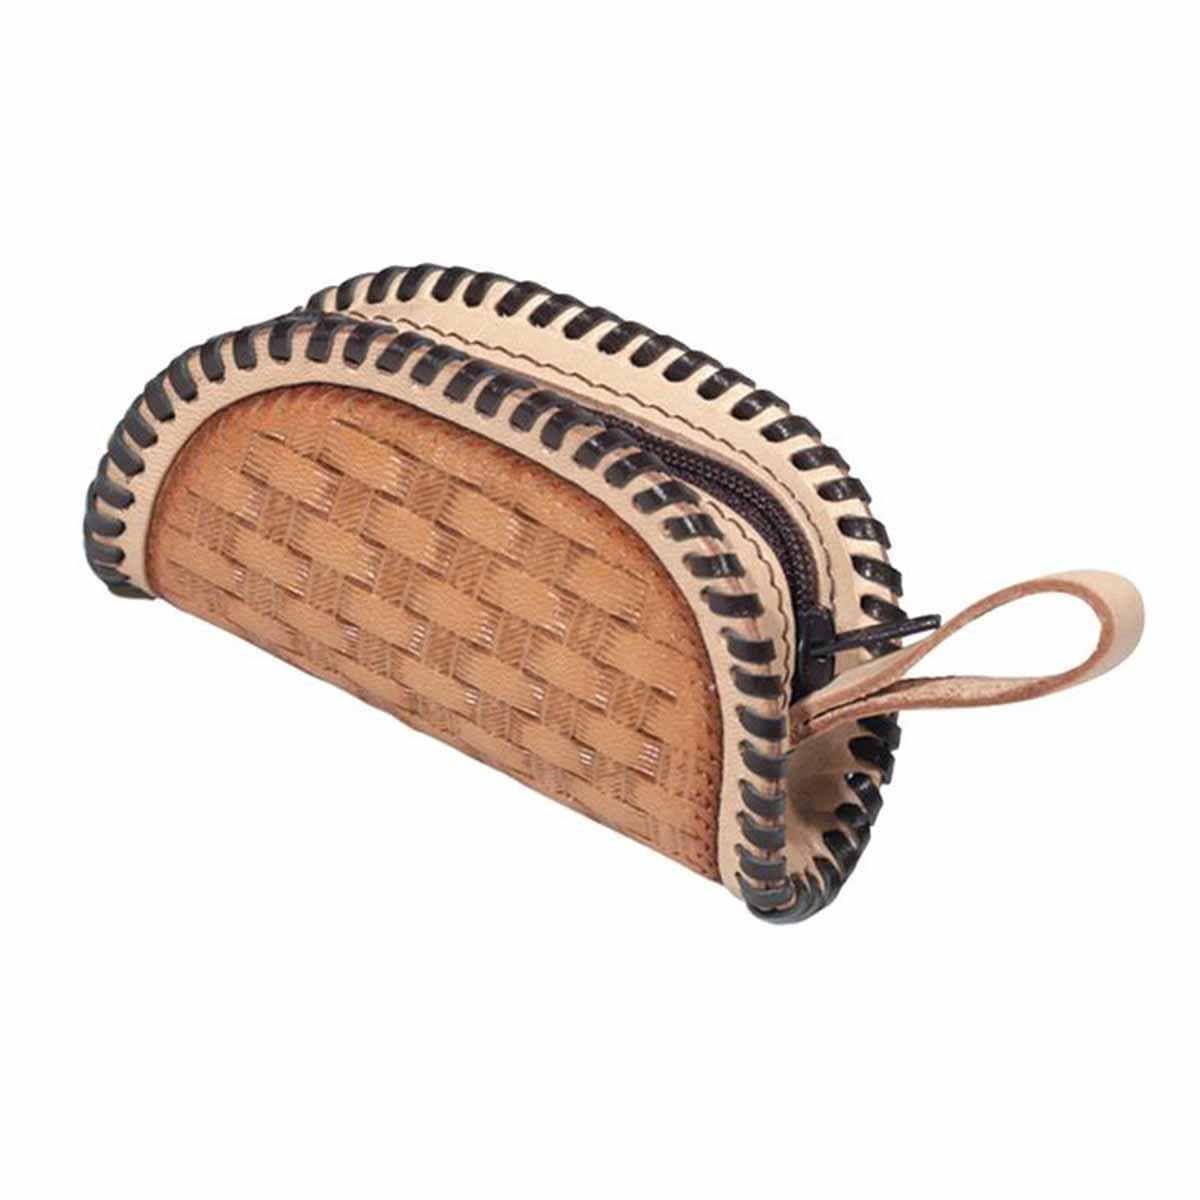 Kit pour porte-monnaie Tom Pouce - 4109-00